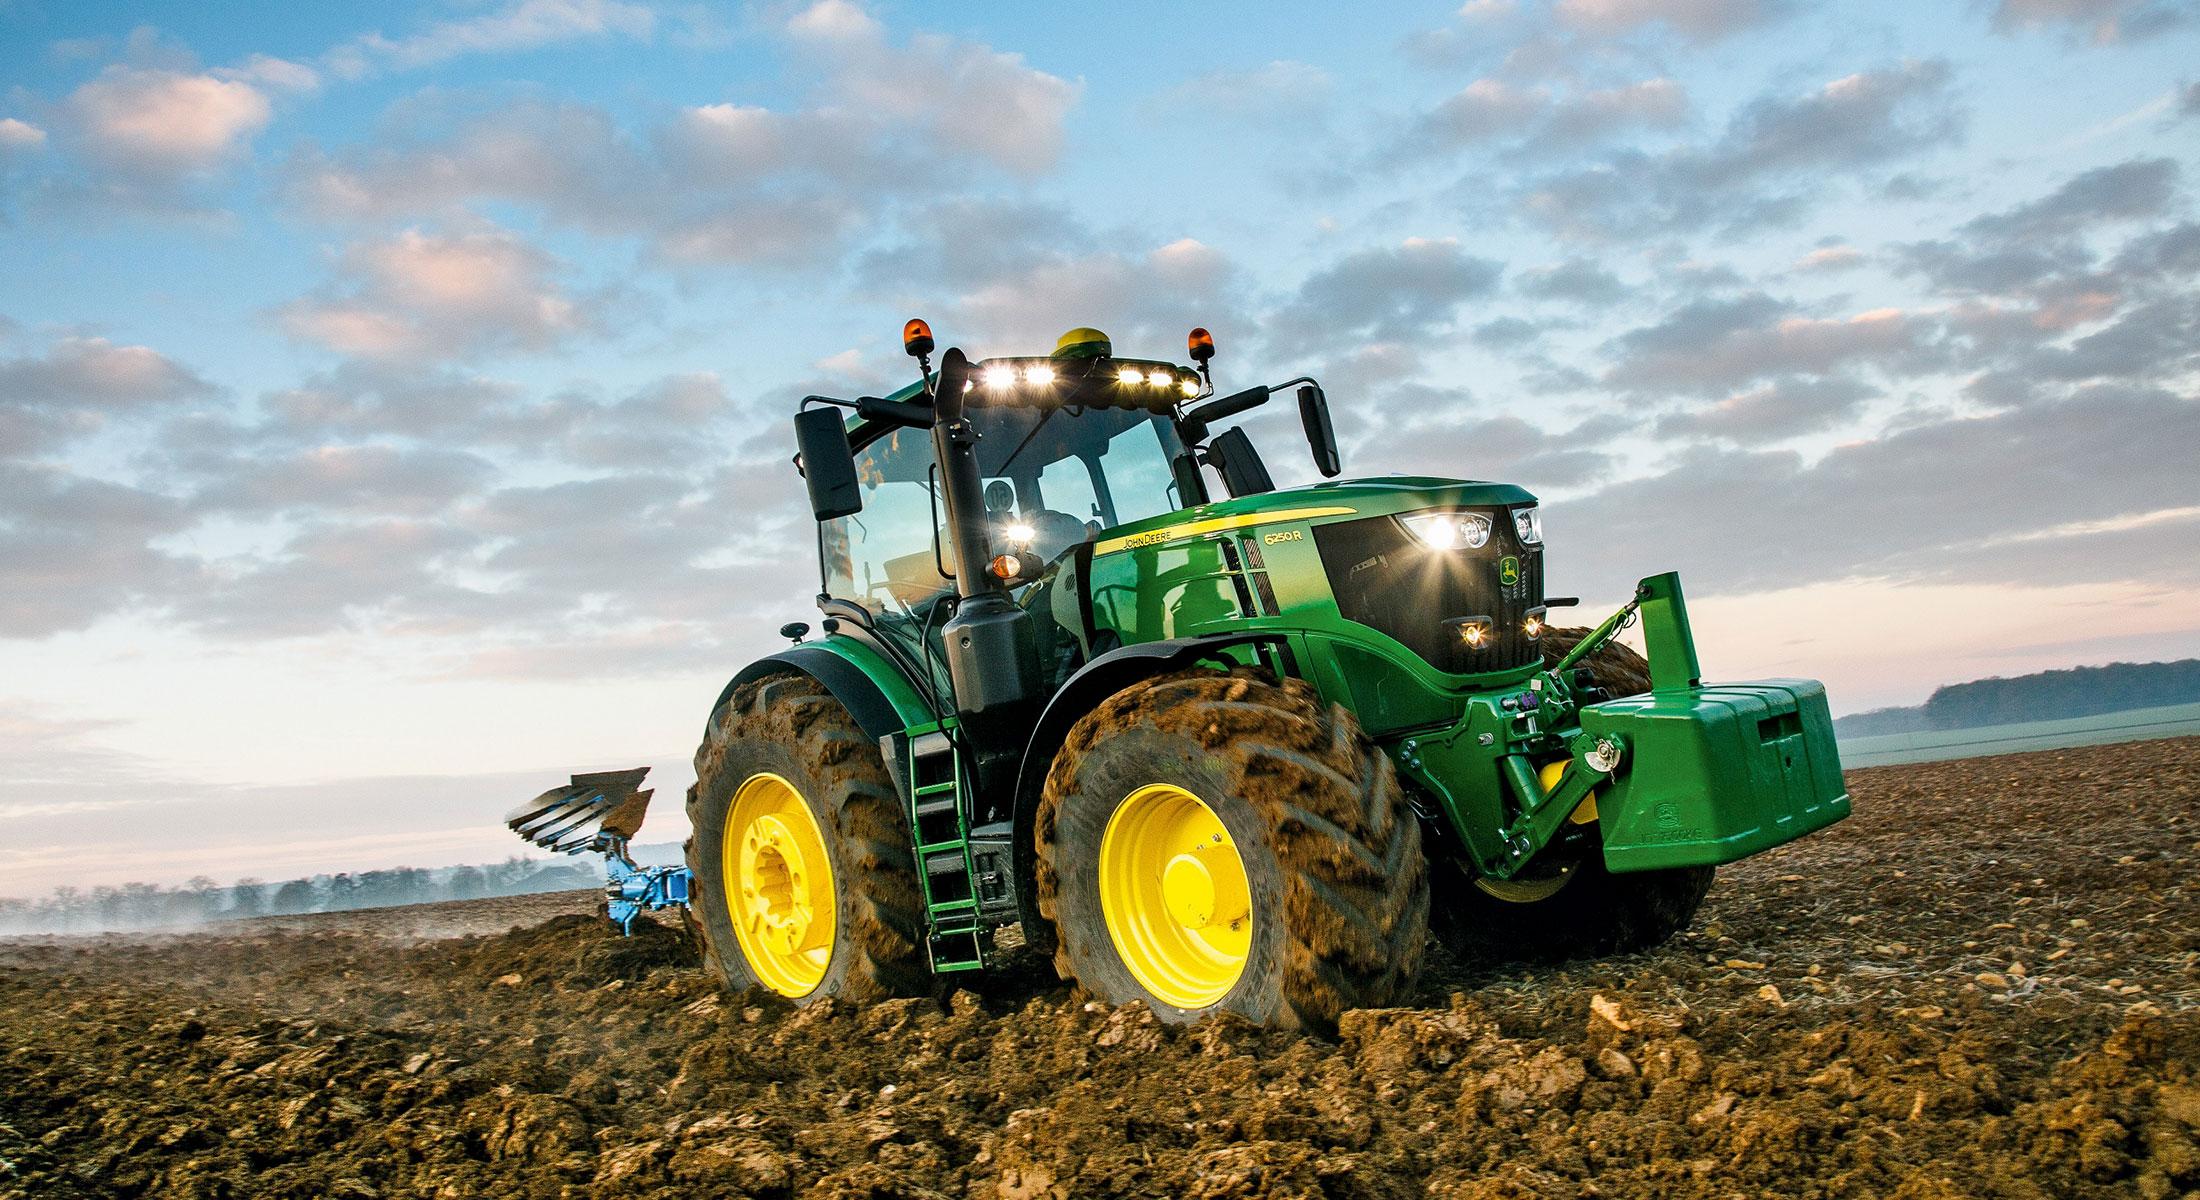 Marketing Club Region Stuttgart Heilbronn Veranstaltung: Digitalisierung auf dem Acker vom Traktor zum Feldroboter